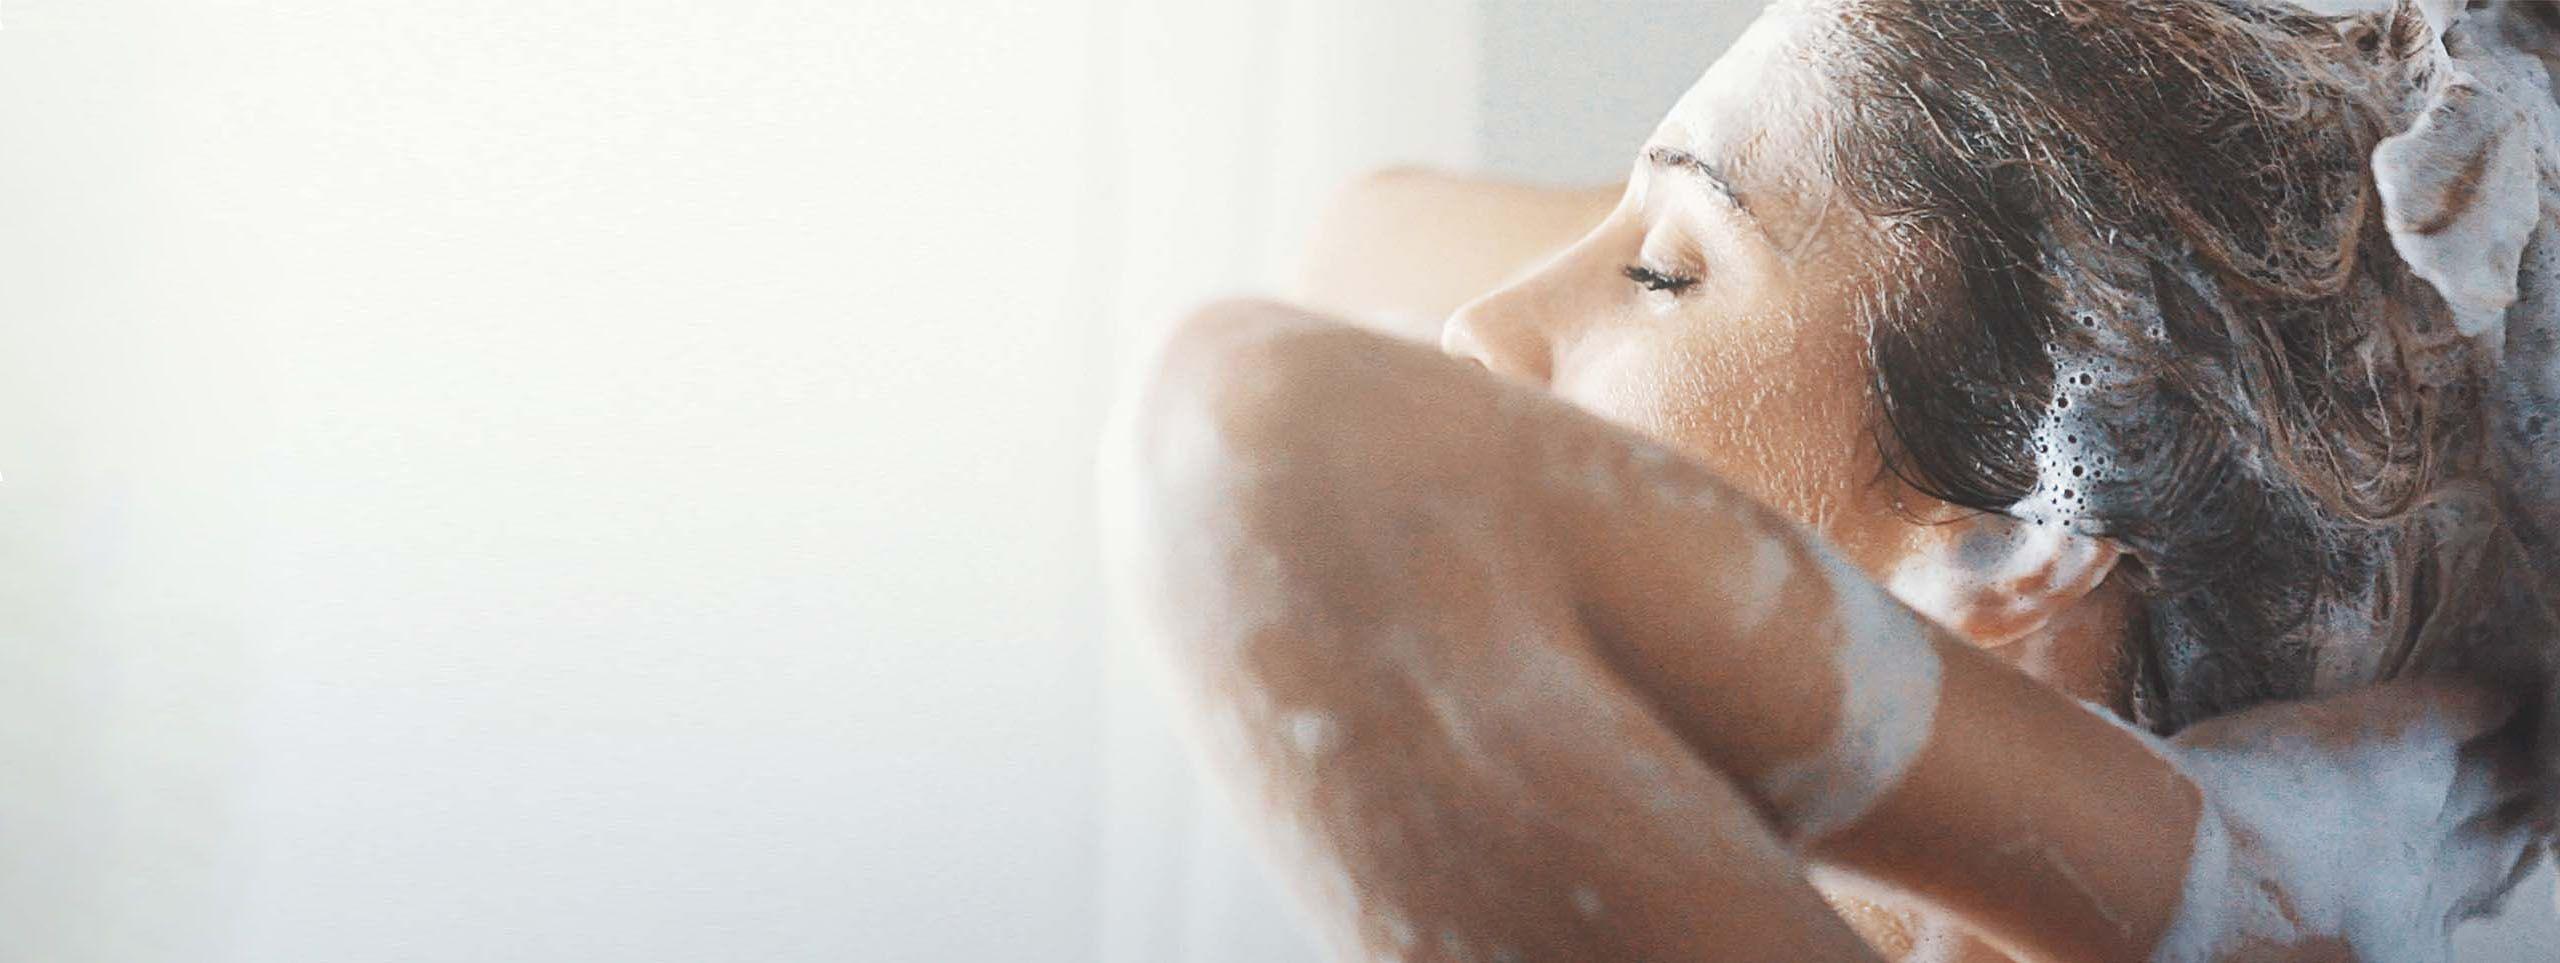 Femme brune se lavant les cheveux